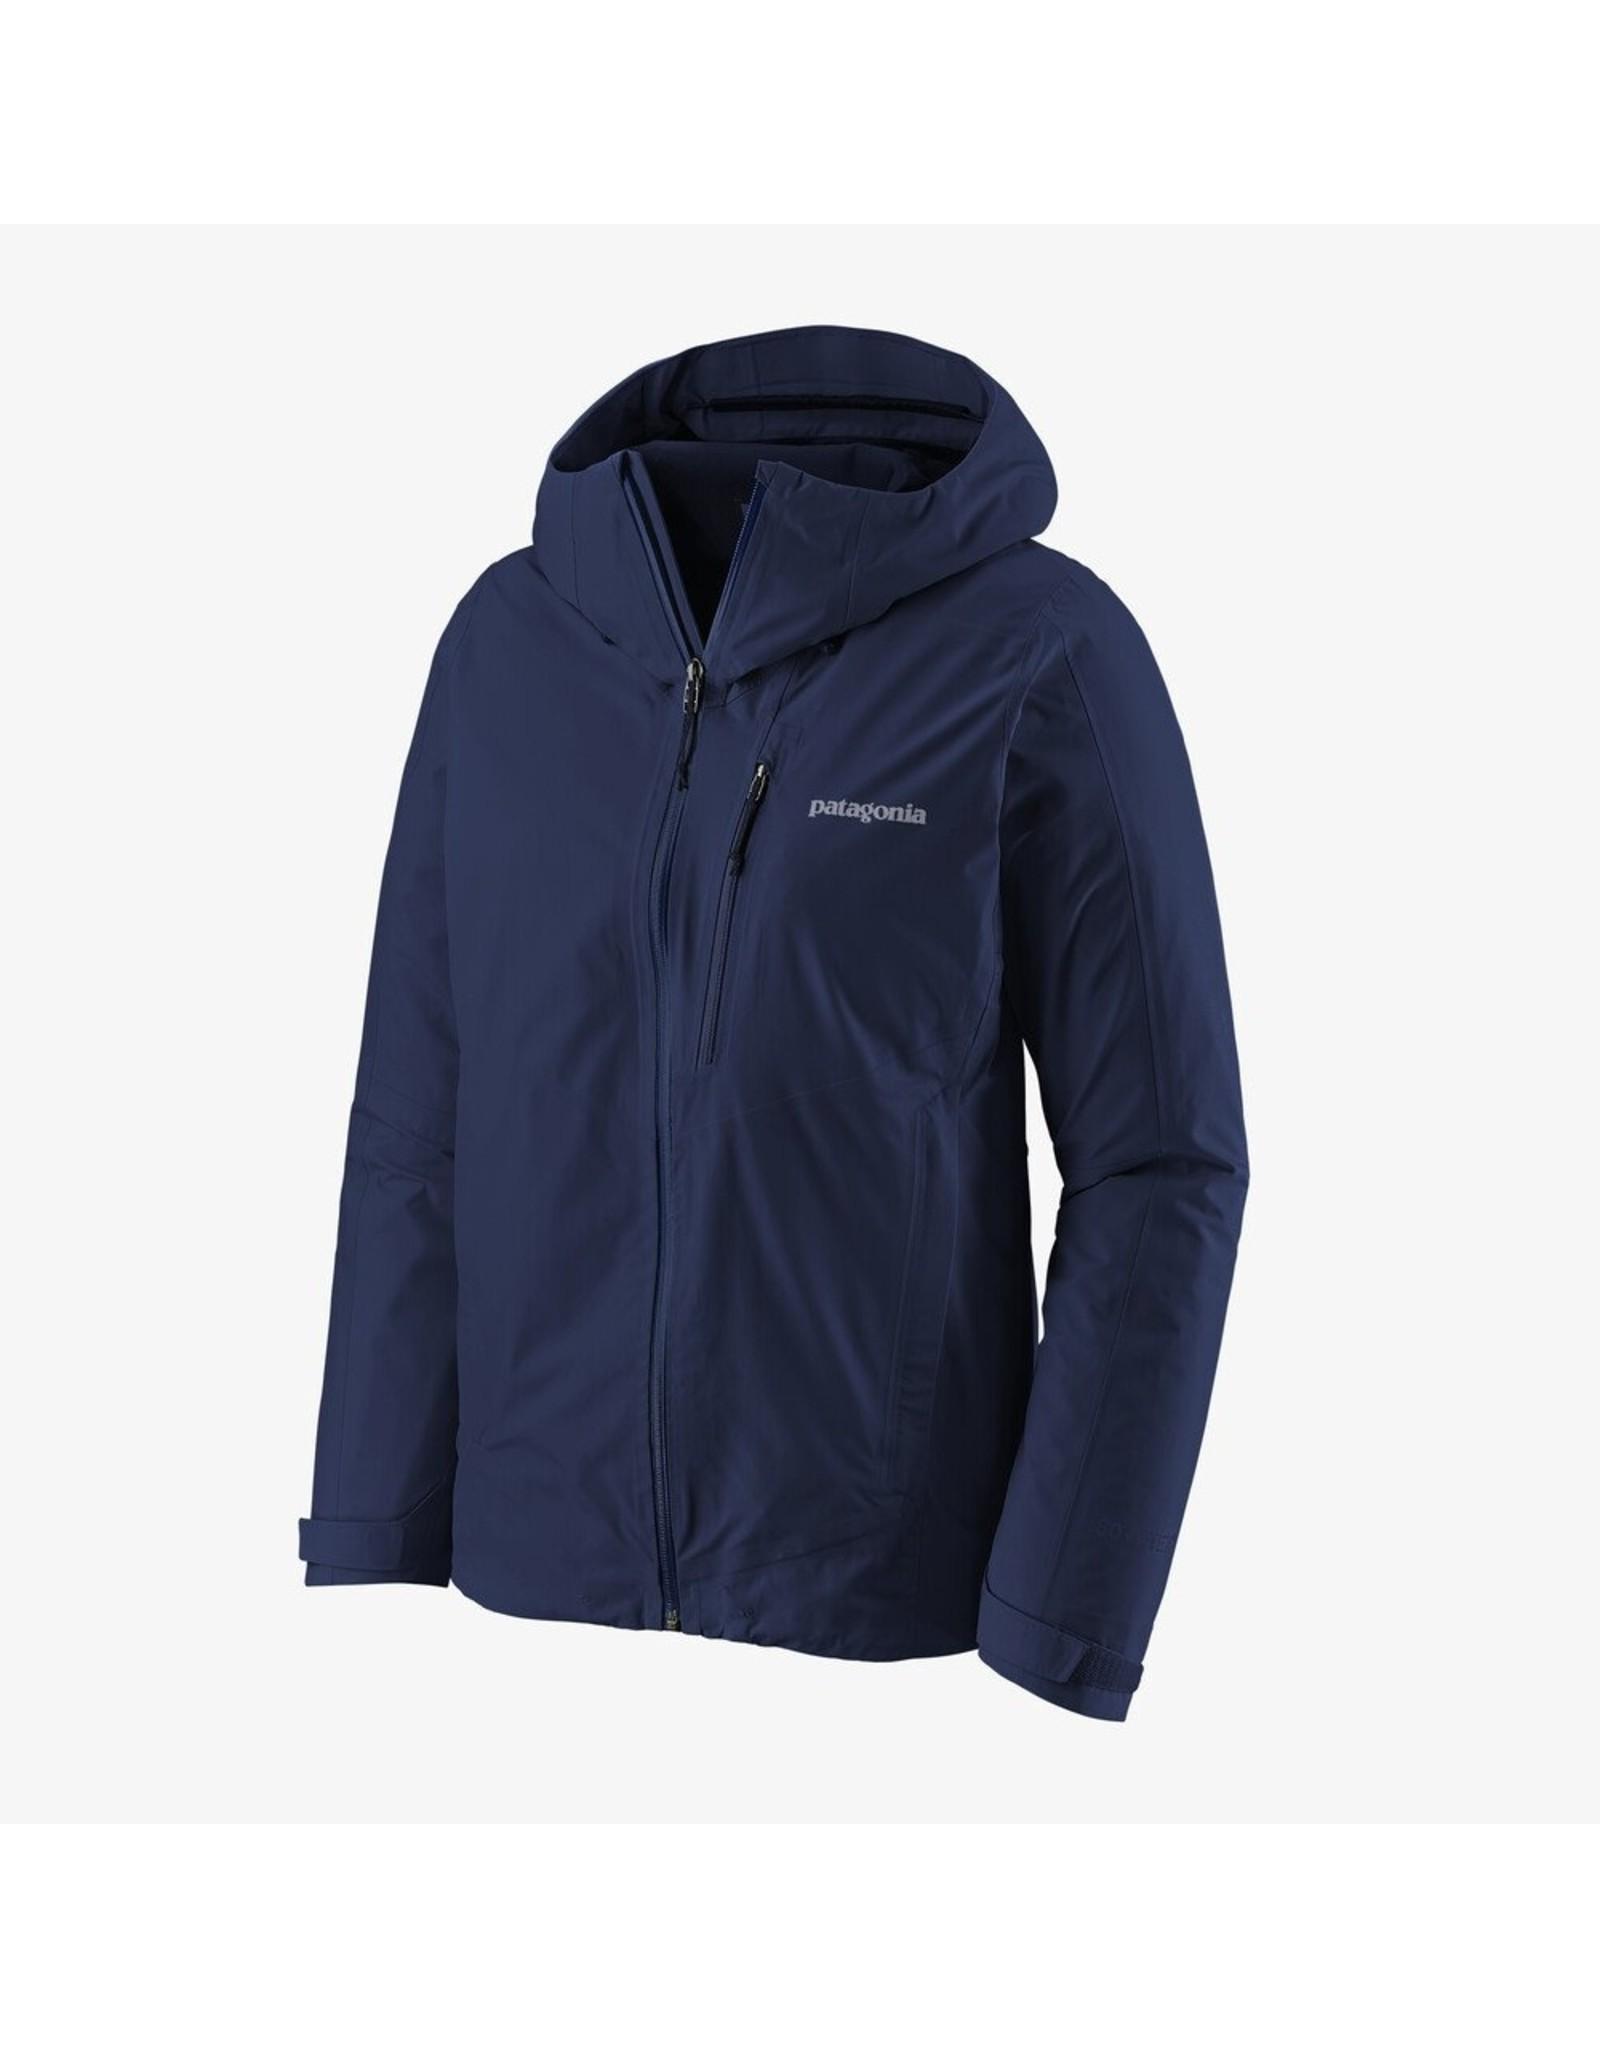 Patagonia Patagonia - W's Calcite Jacket